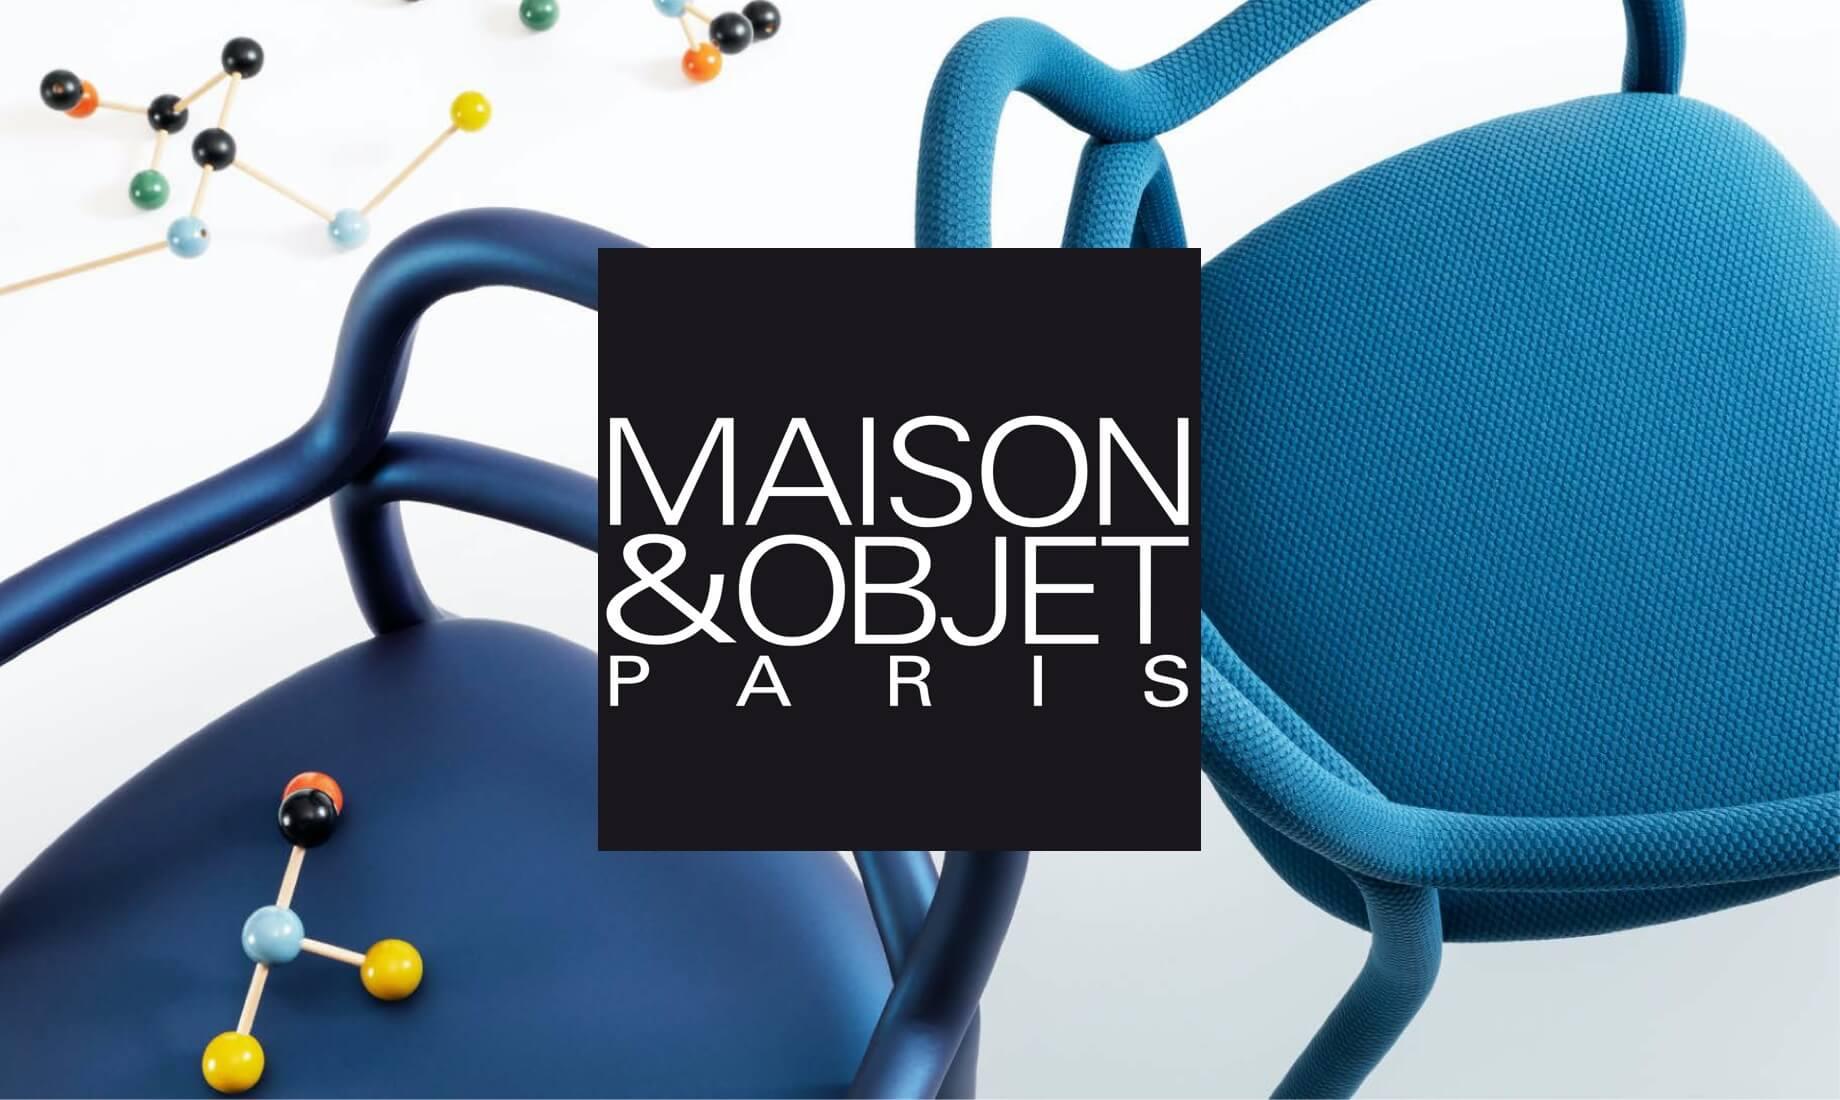 Midj - Maison&Objet 2020